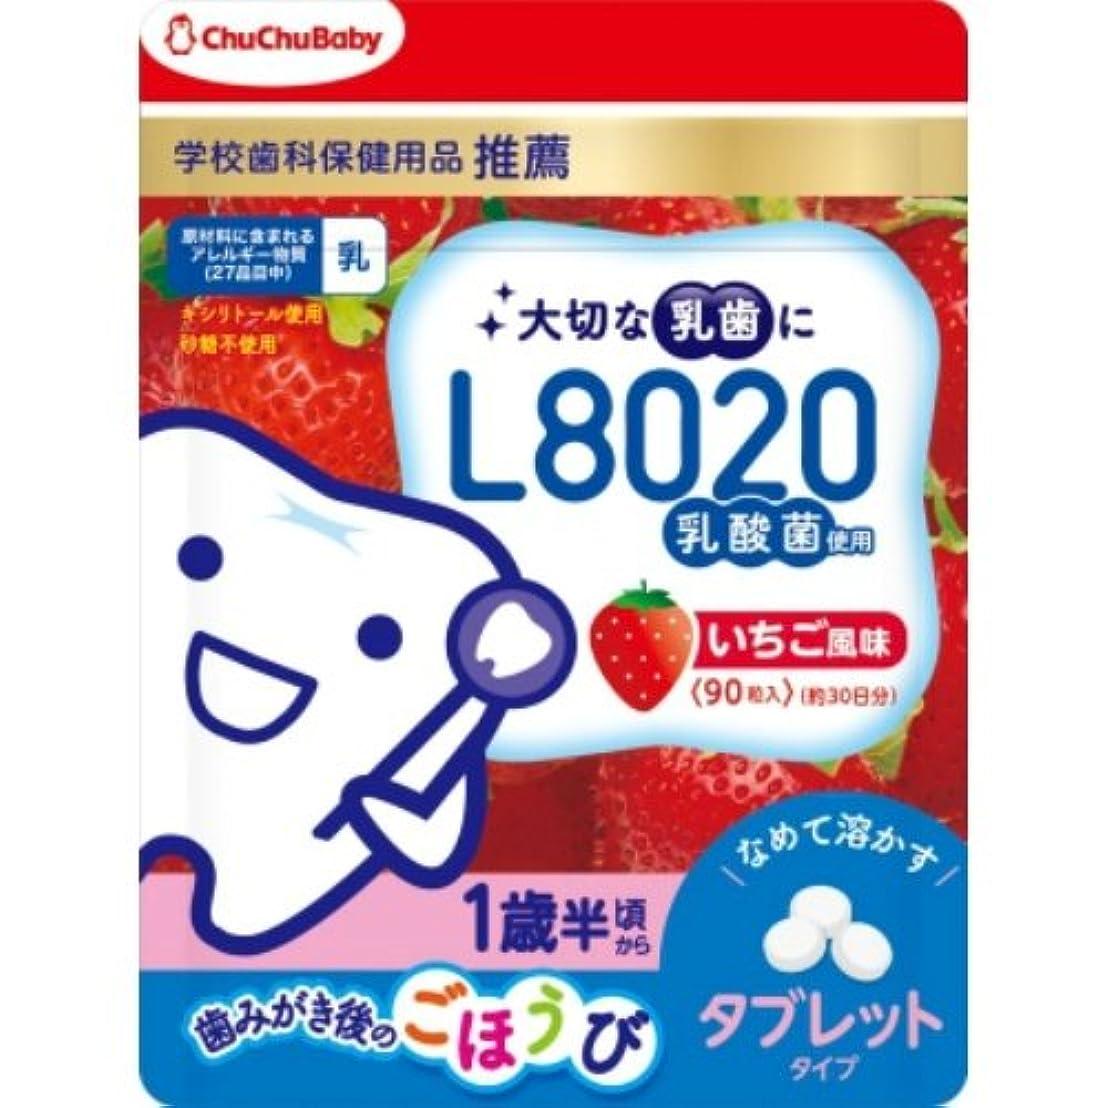 有能な資料効果的L8020乳酸菌チュチュベビータブレットいちご風味 × 5個セット